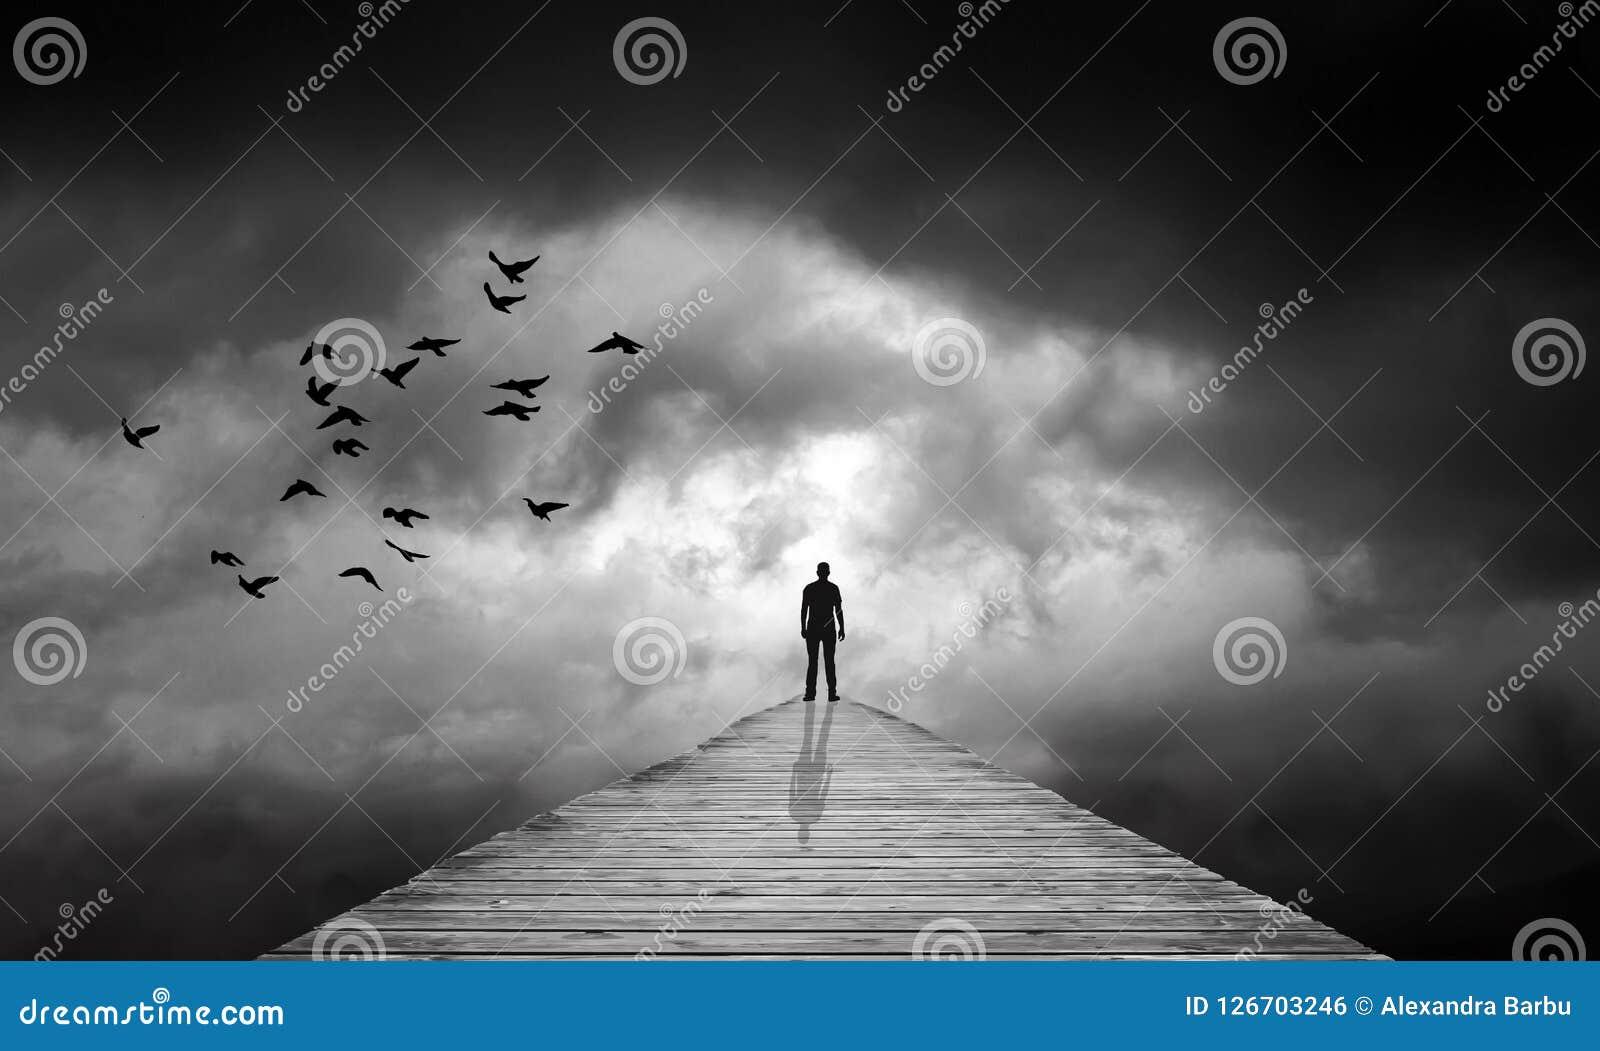 Dark Clouds, Path To Unknown, Destiny, Lost, Rebirth Stock